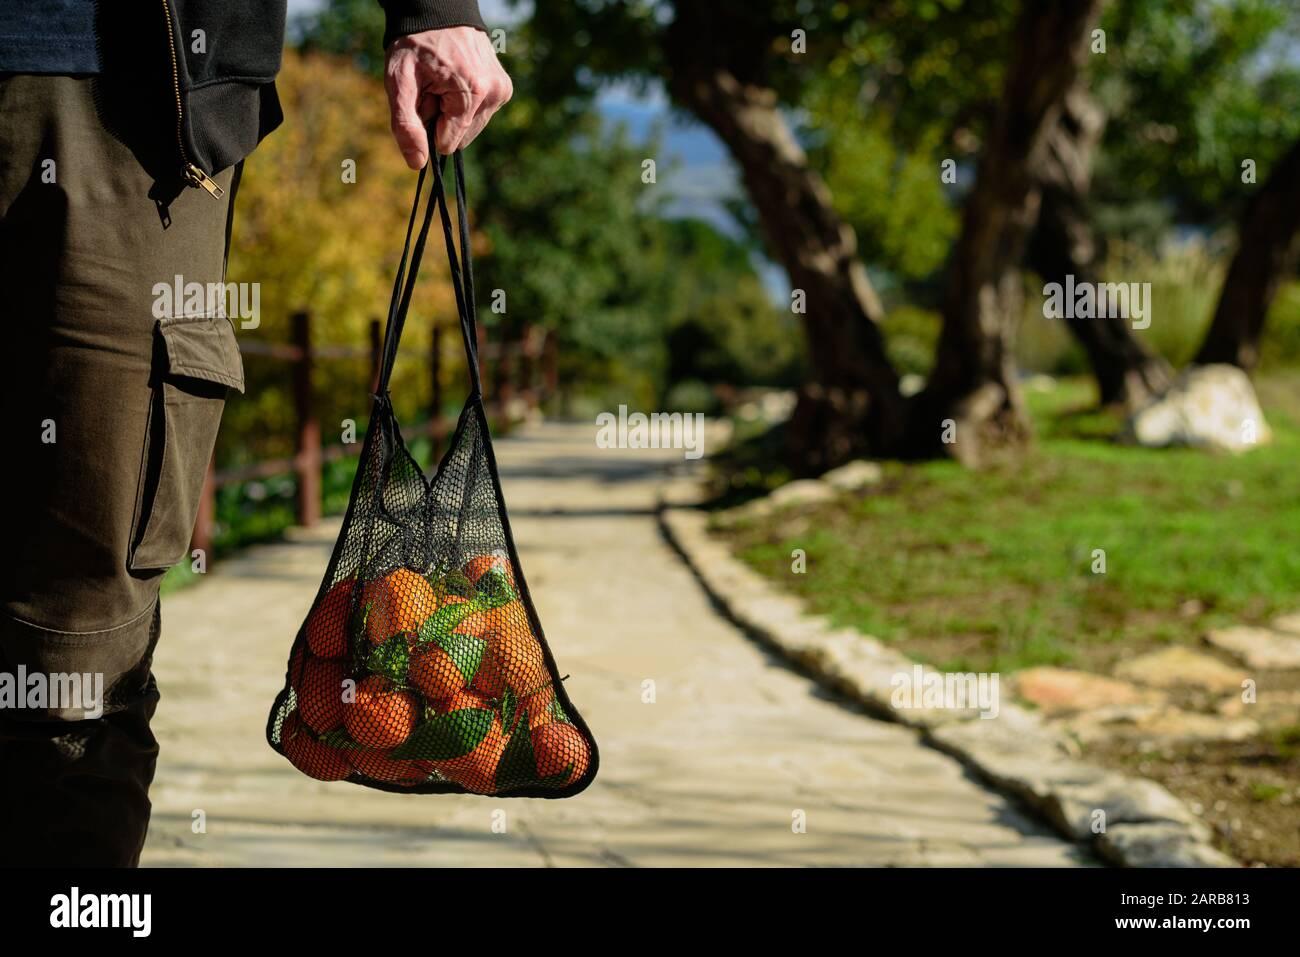 Hombre sosteniendo bolsa de malla reutilizable con naranjas recién recogidas. Concepto de cero residuos. Día soleado Foto de stock